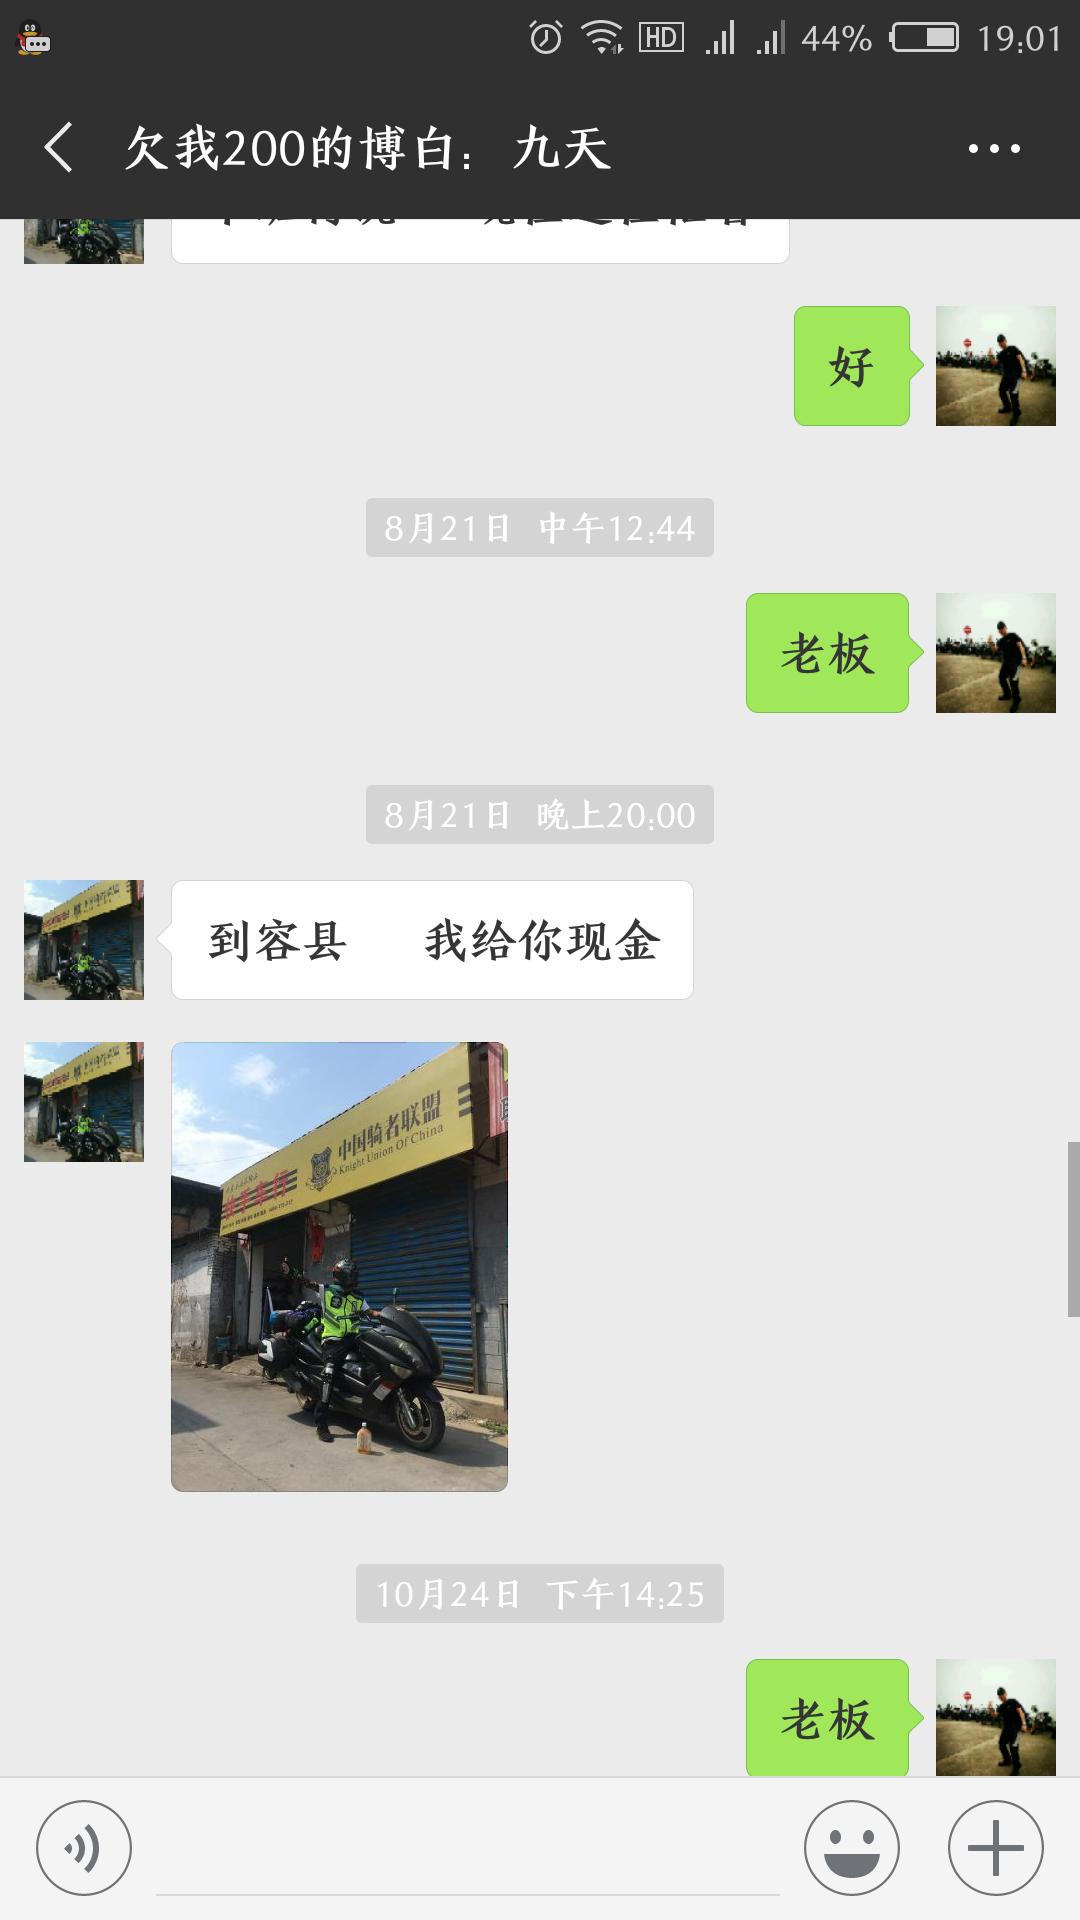 微信图片_201811050103354.png